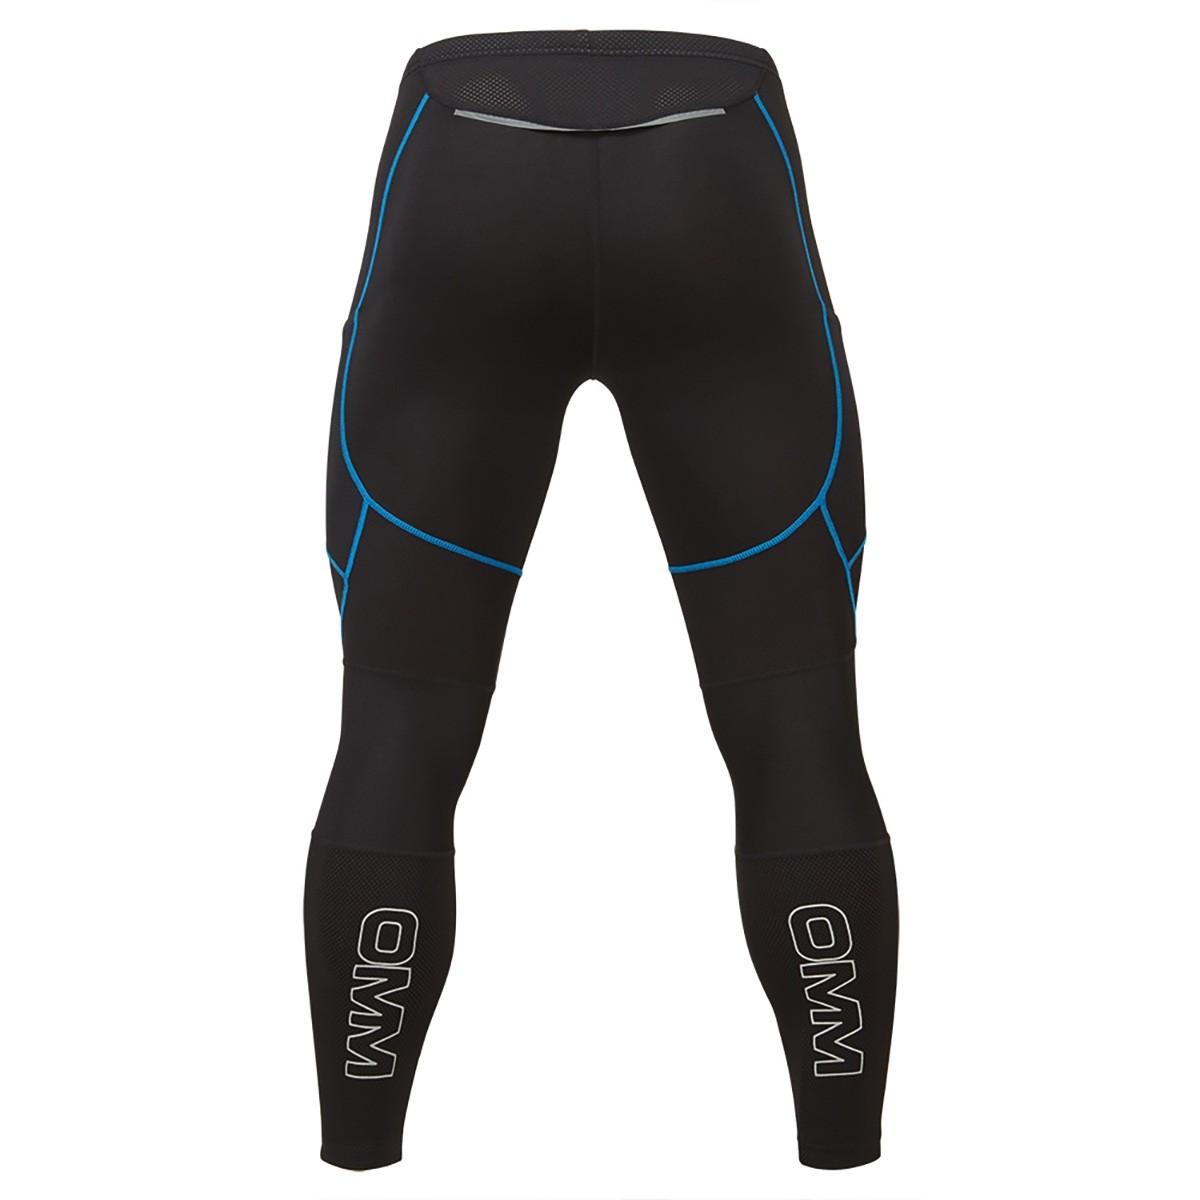 OMM Flash Winter Men's Running Tights - Black/Blue